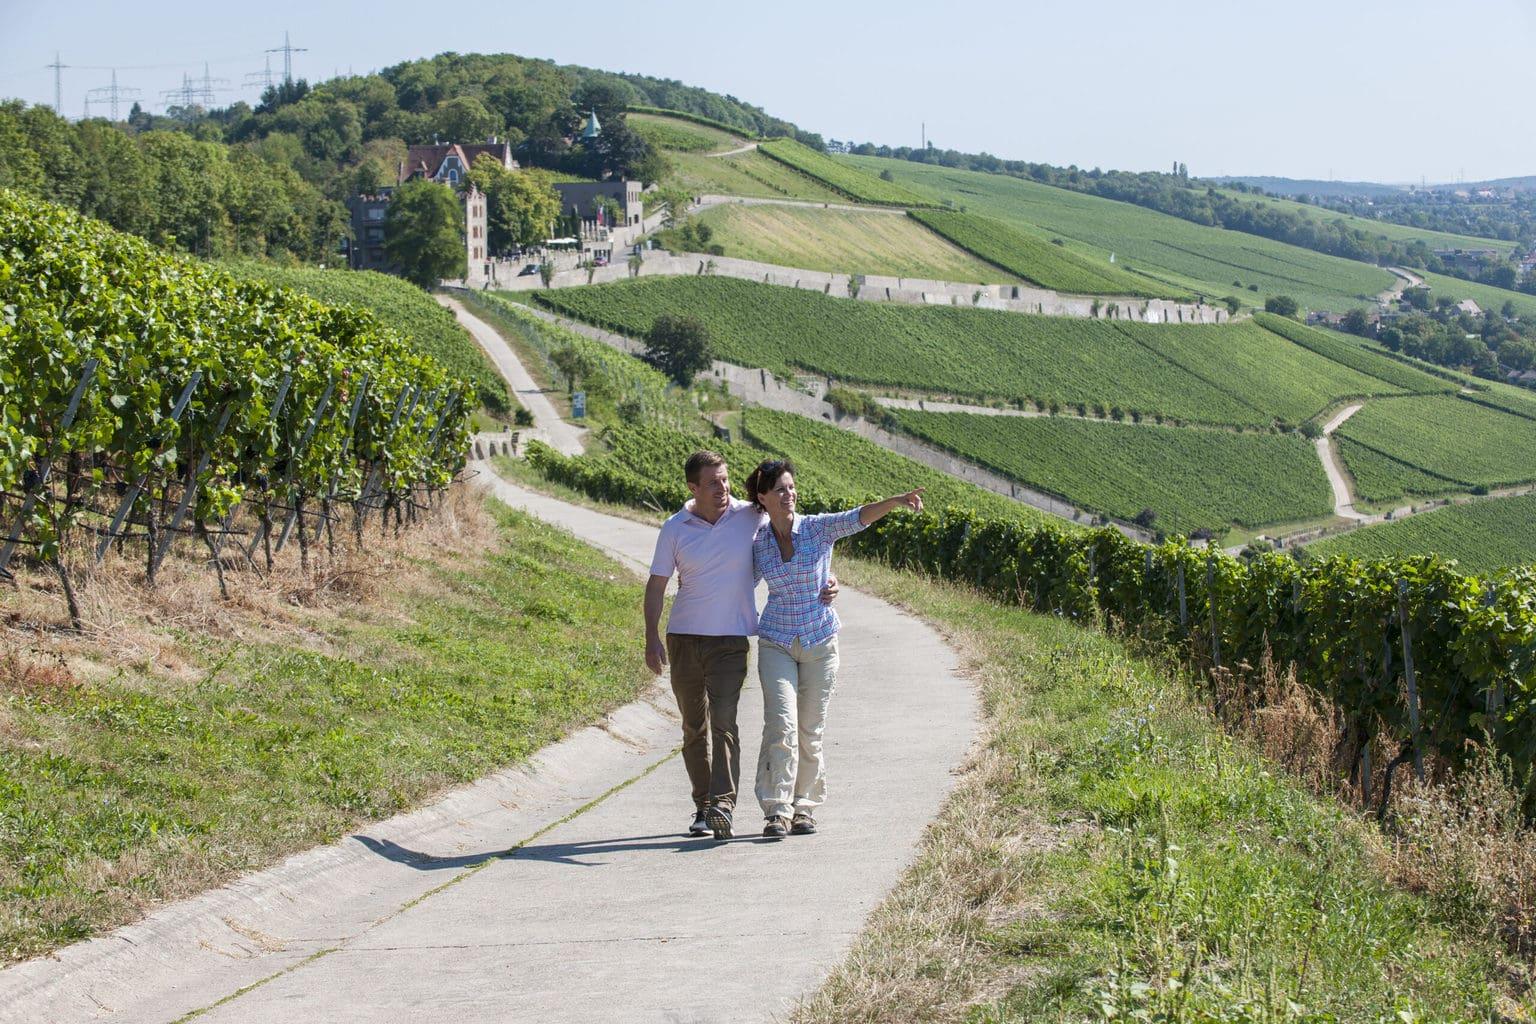 Een stel wandelt door de wijnbergen in Franken